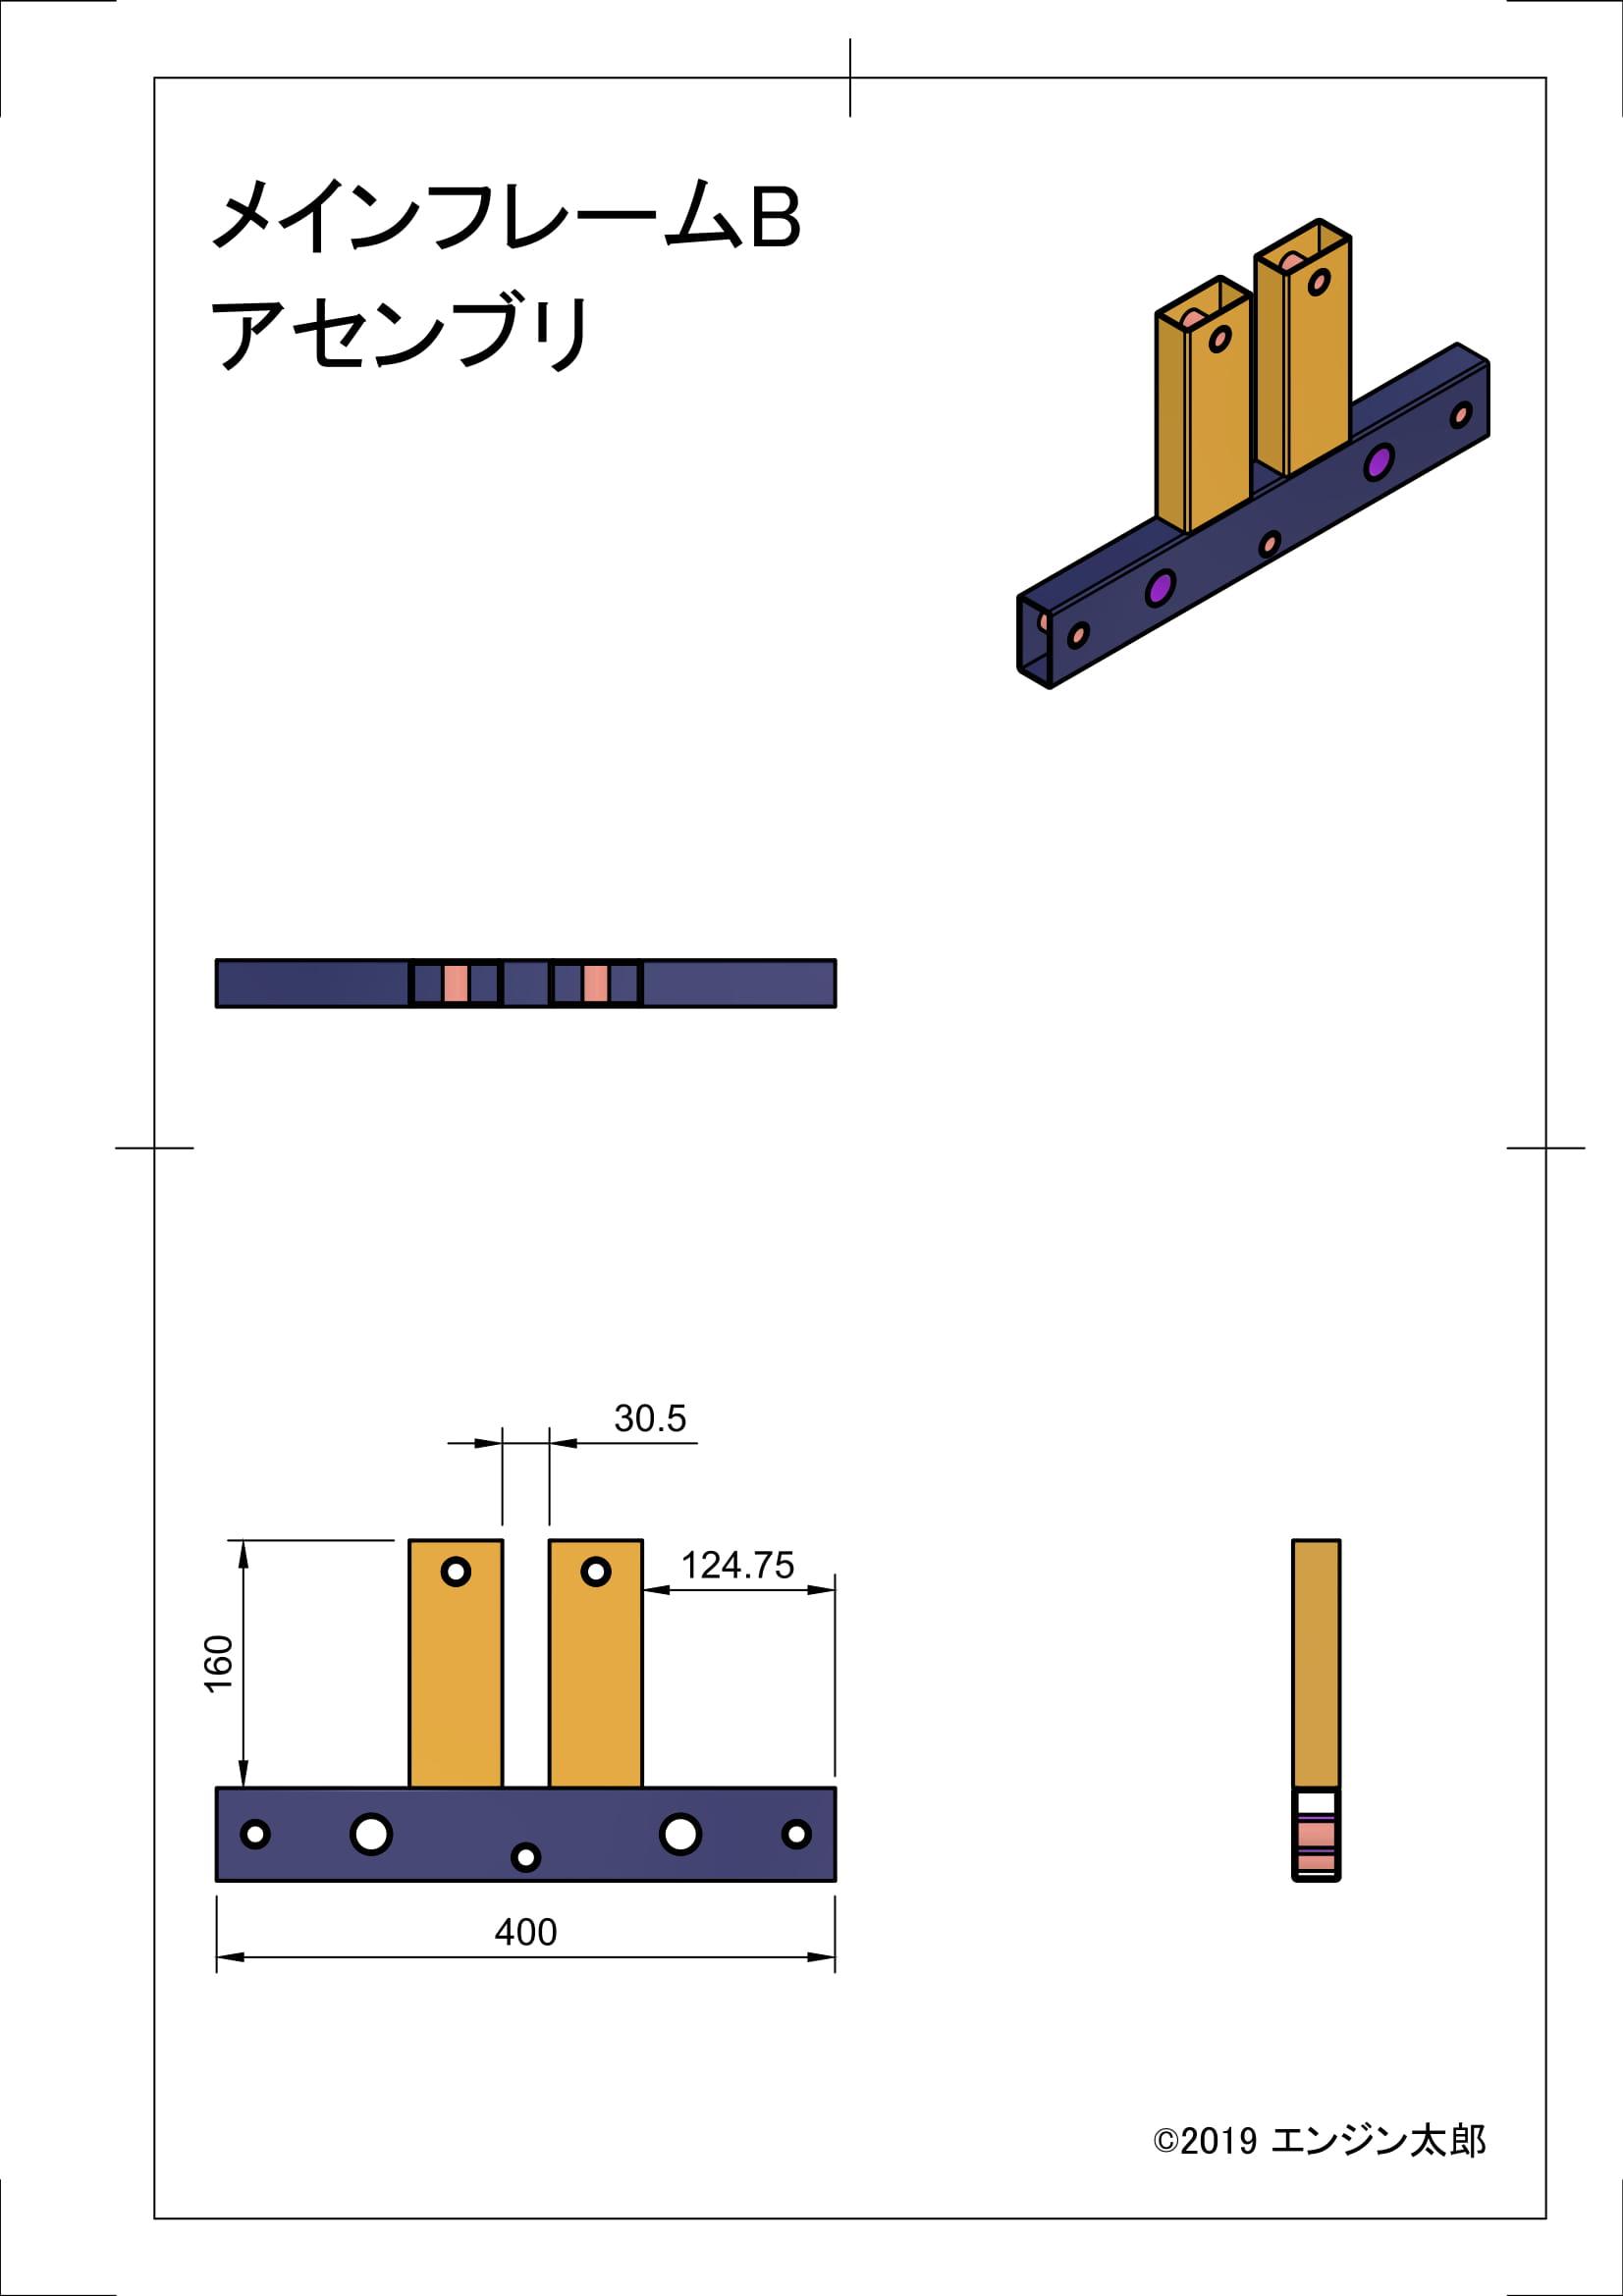 5チューブローラー2_メインフレームBアセンブリ-1